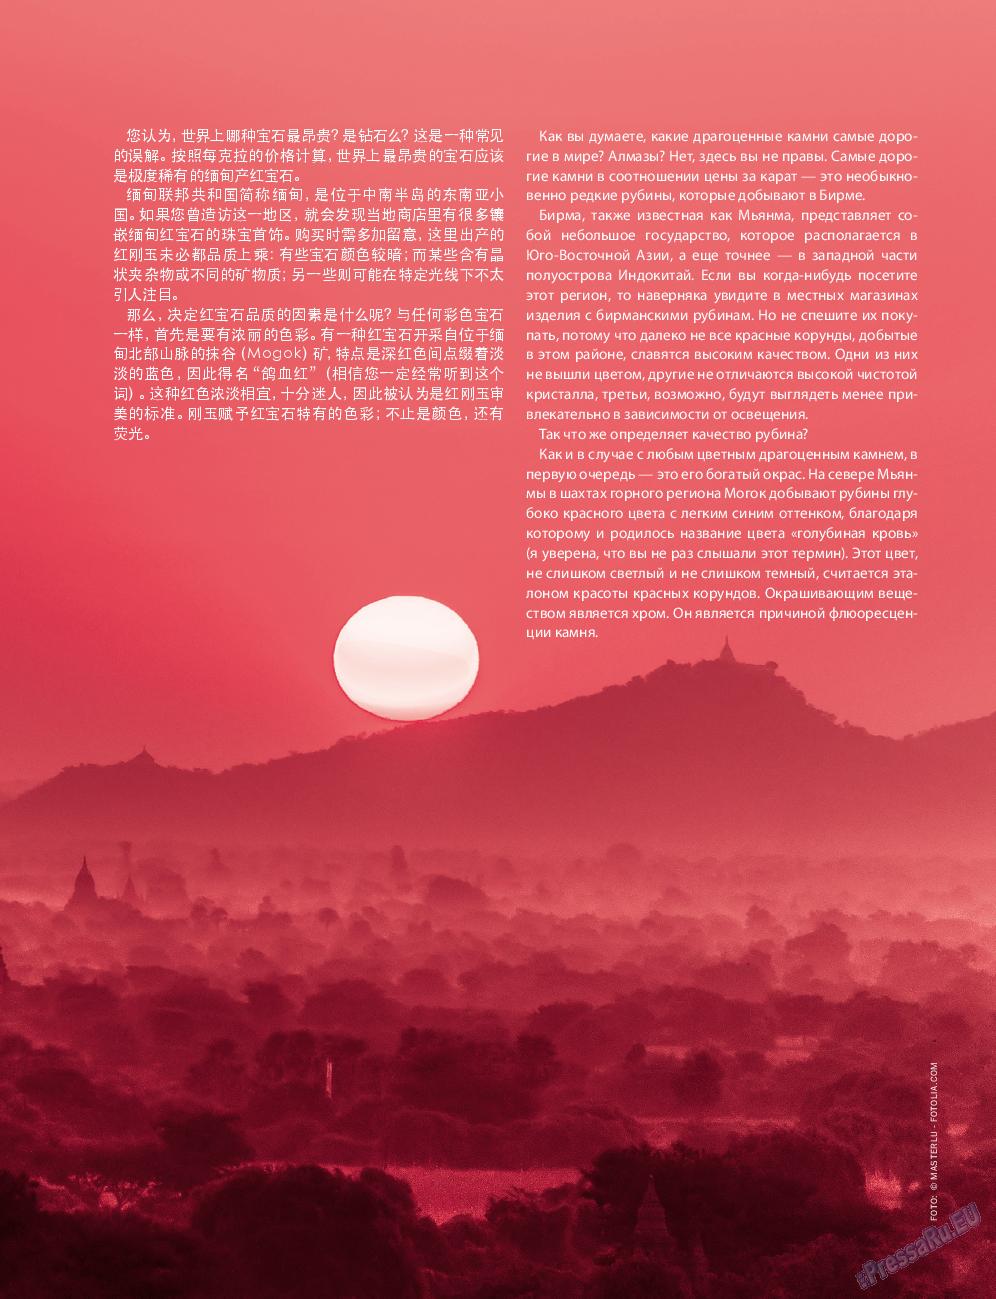 Клан (журнал). 2014 год, номер 7, стр. 163